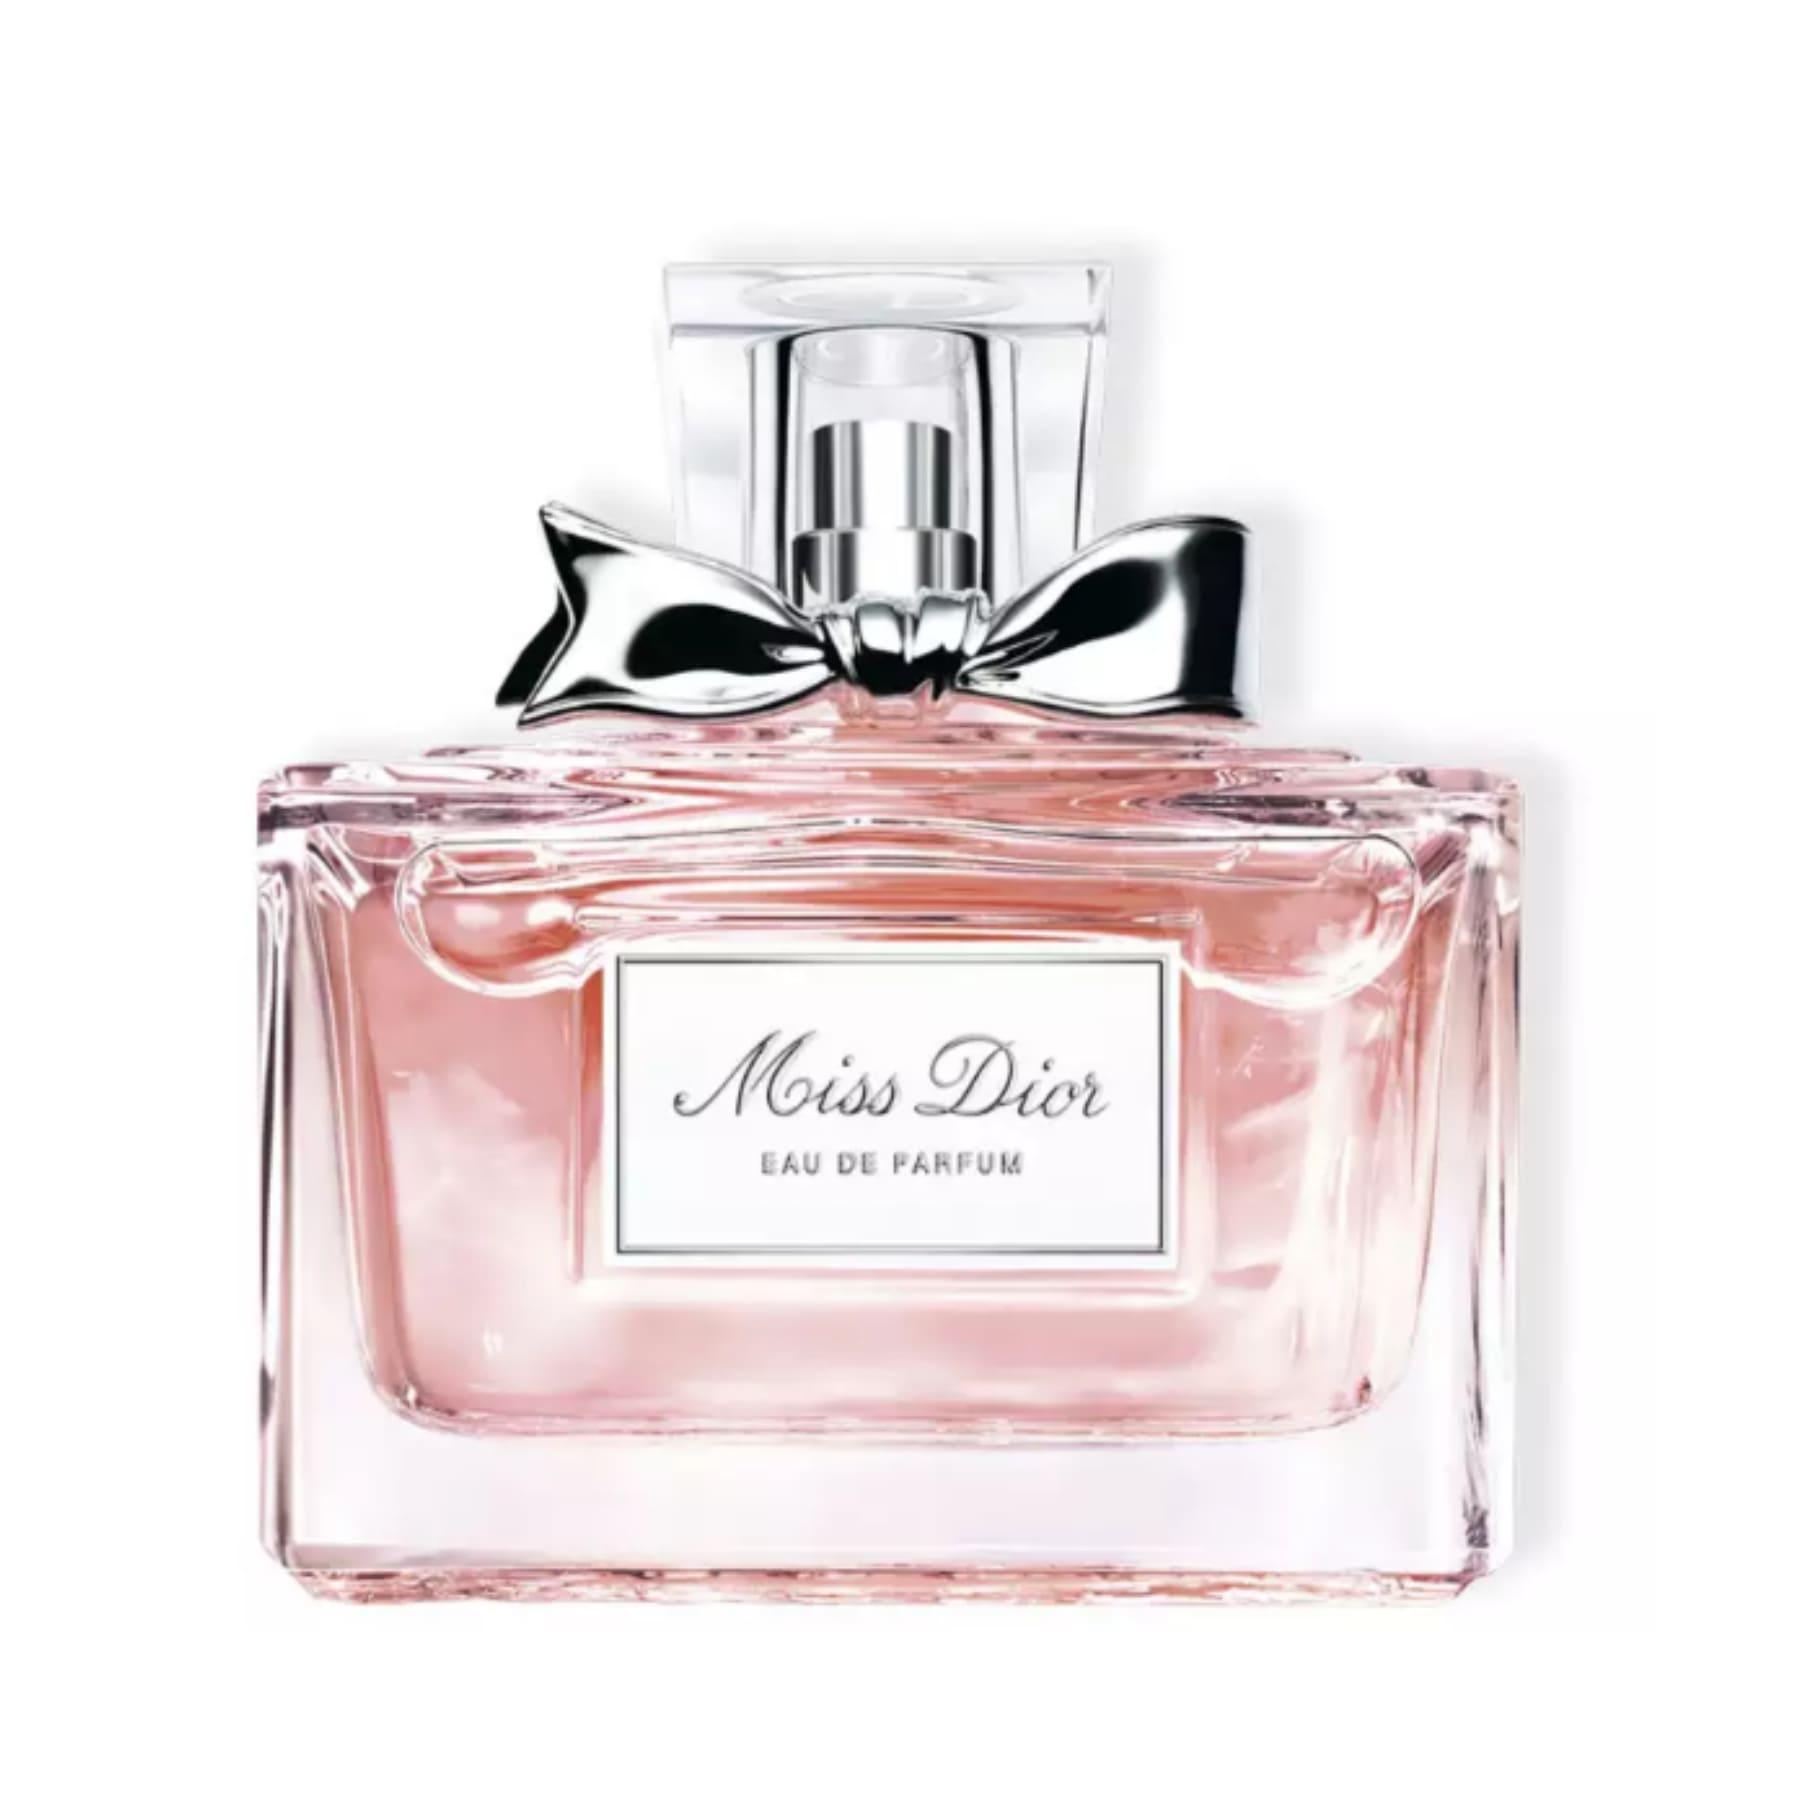 Perfume Feminino Miss Dior Eau de Parfum Dior